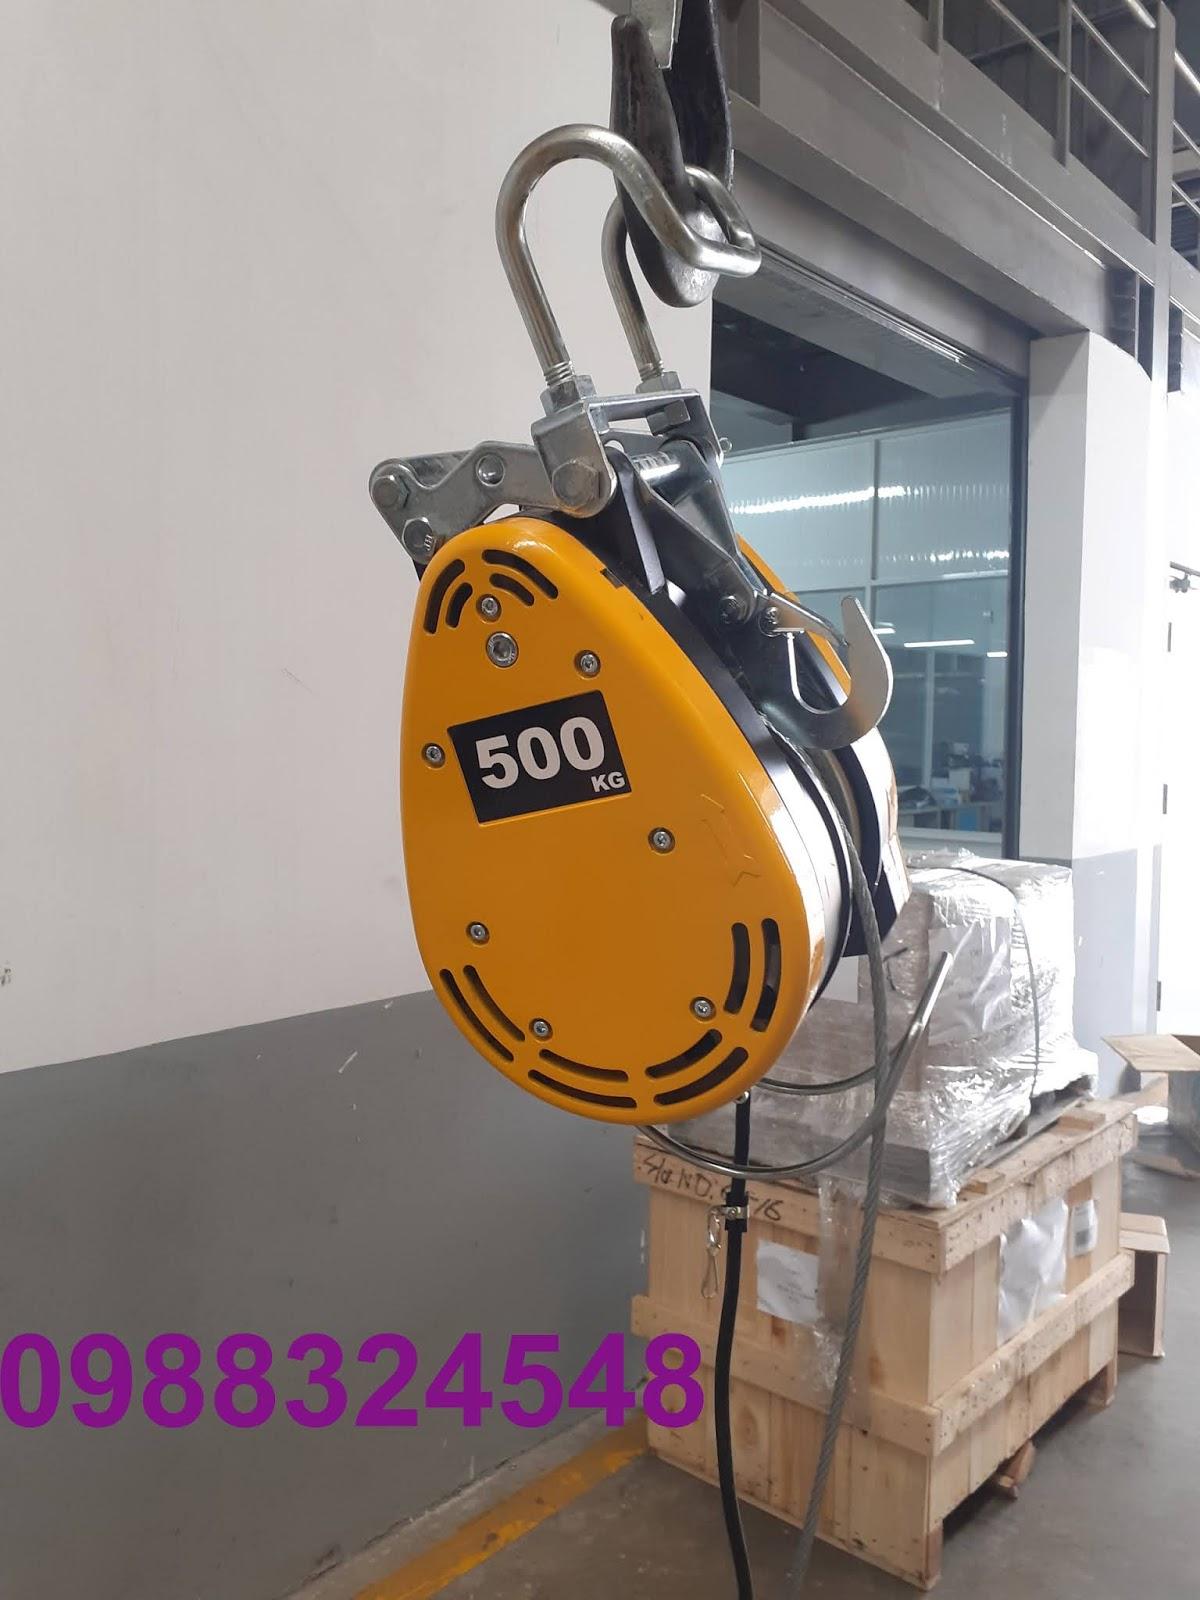 Tời cáp điện treo mini DU-500A nâng 500kg